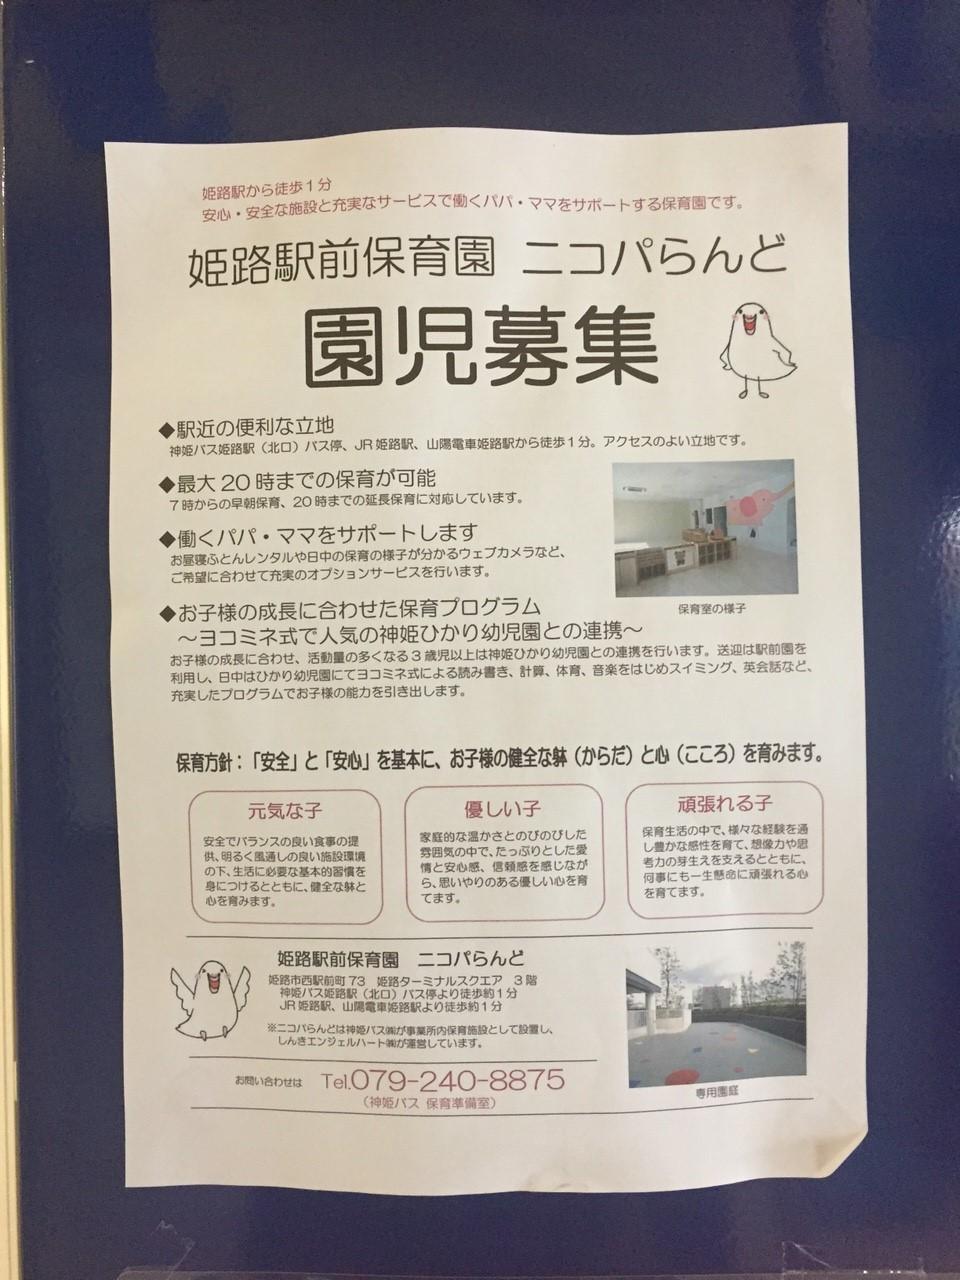 いまさら神姫バス構内にTSUTAYA返却_839